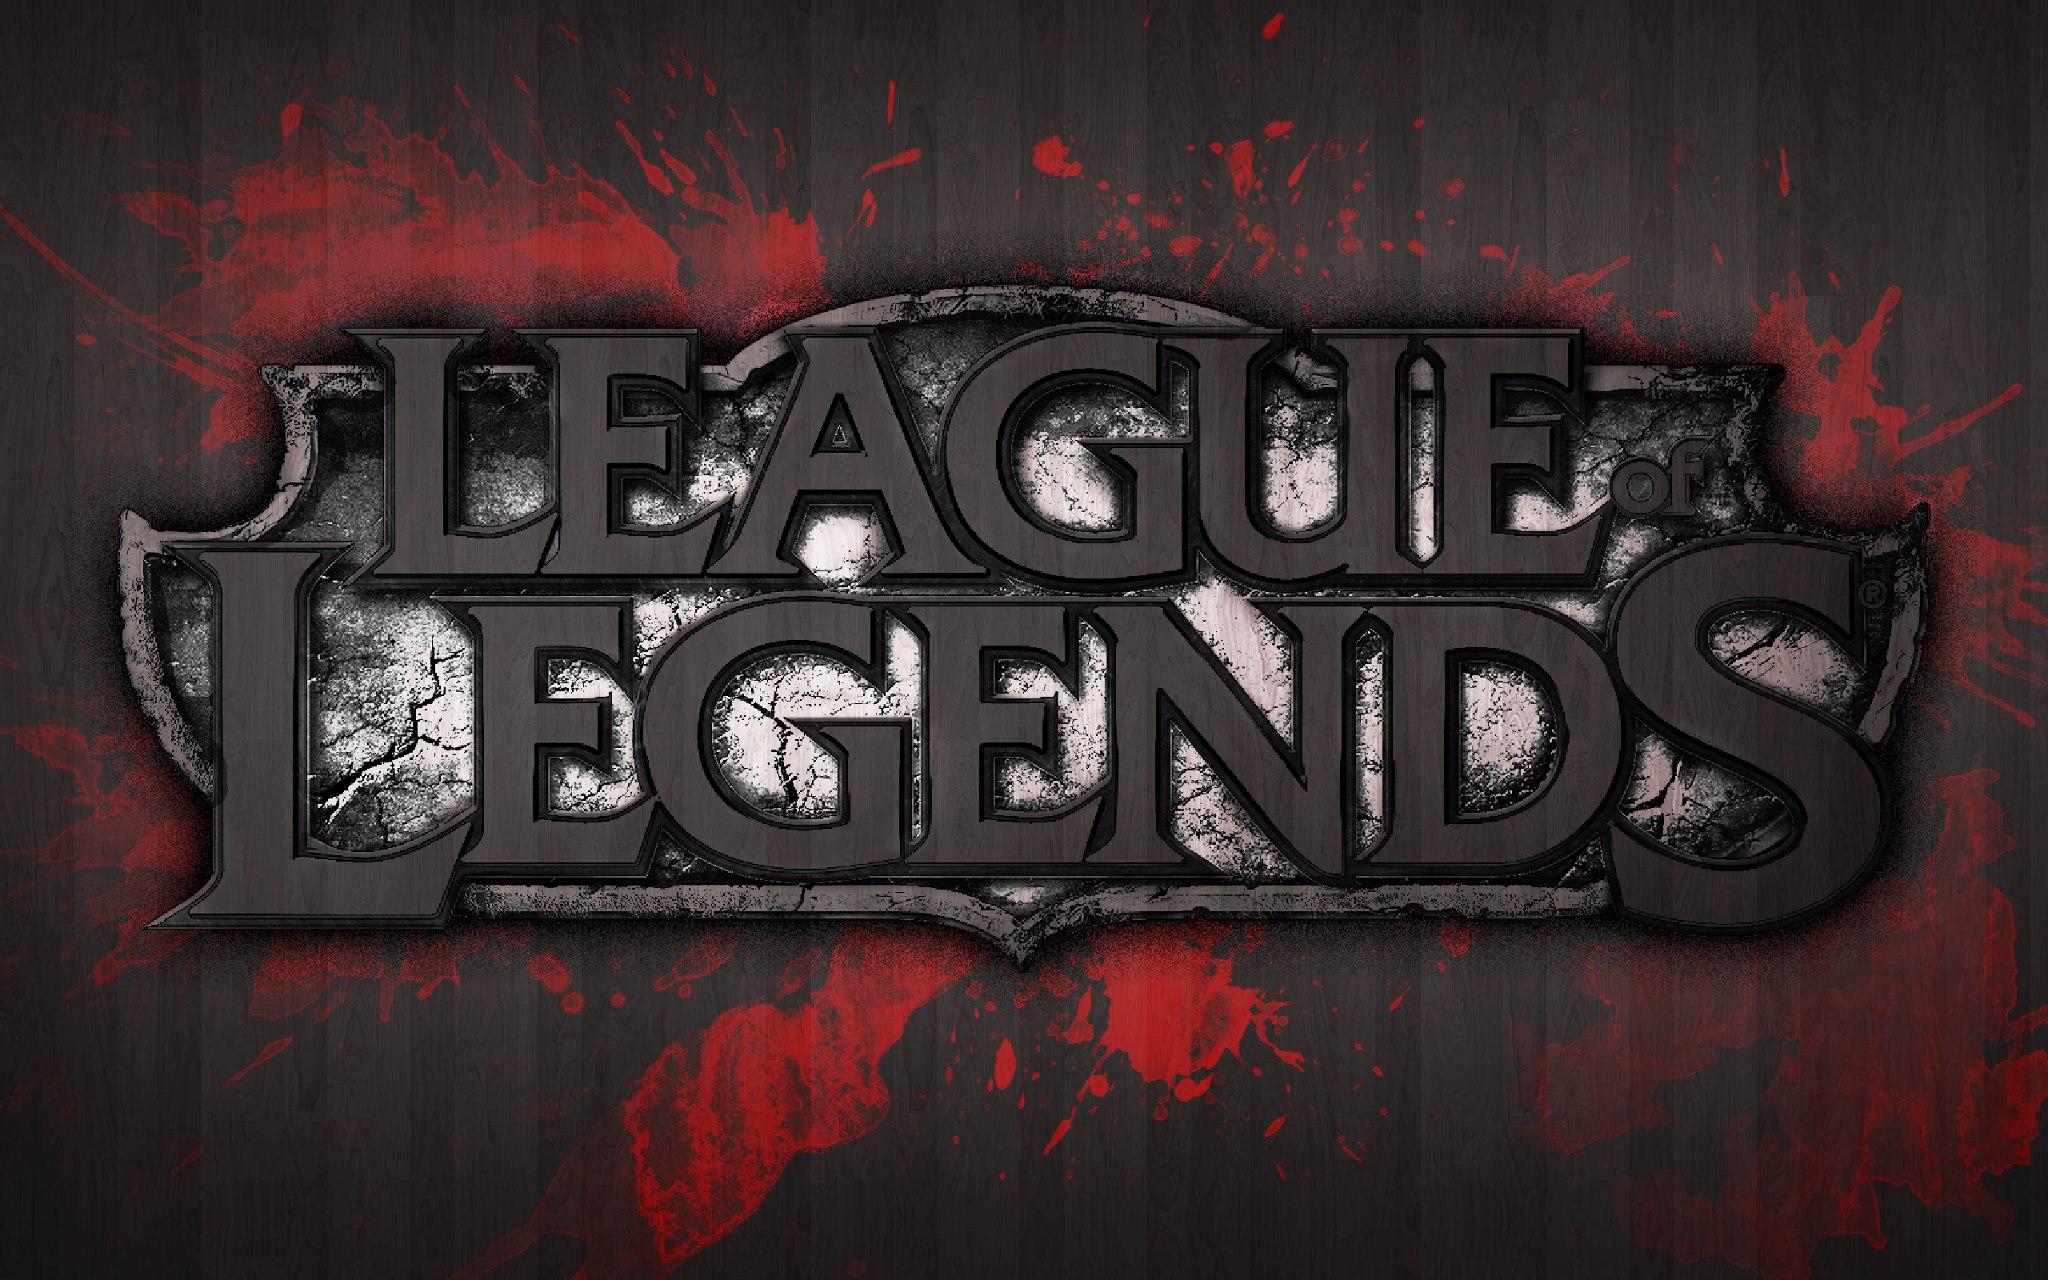 League Of Legends Wallpaper - Visual Arts , HD Wallpaper & Backgrounds